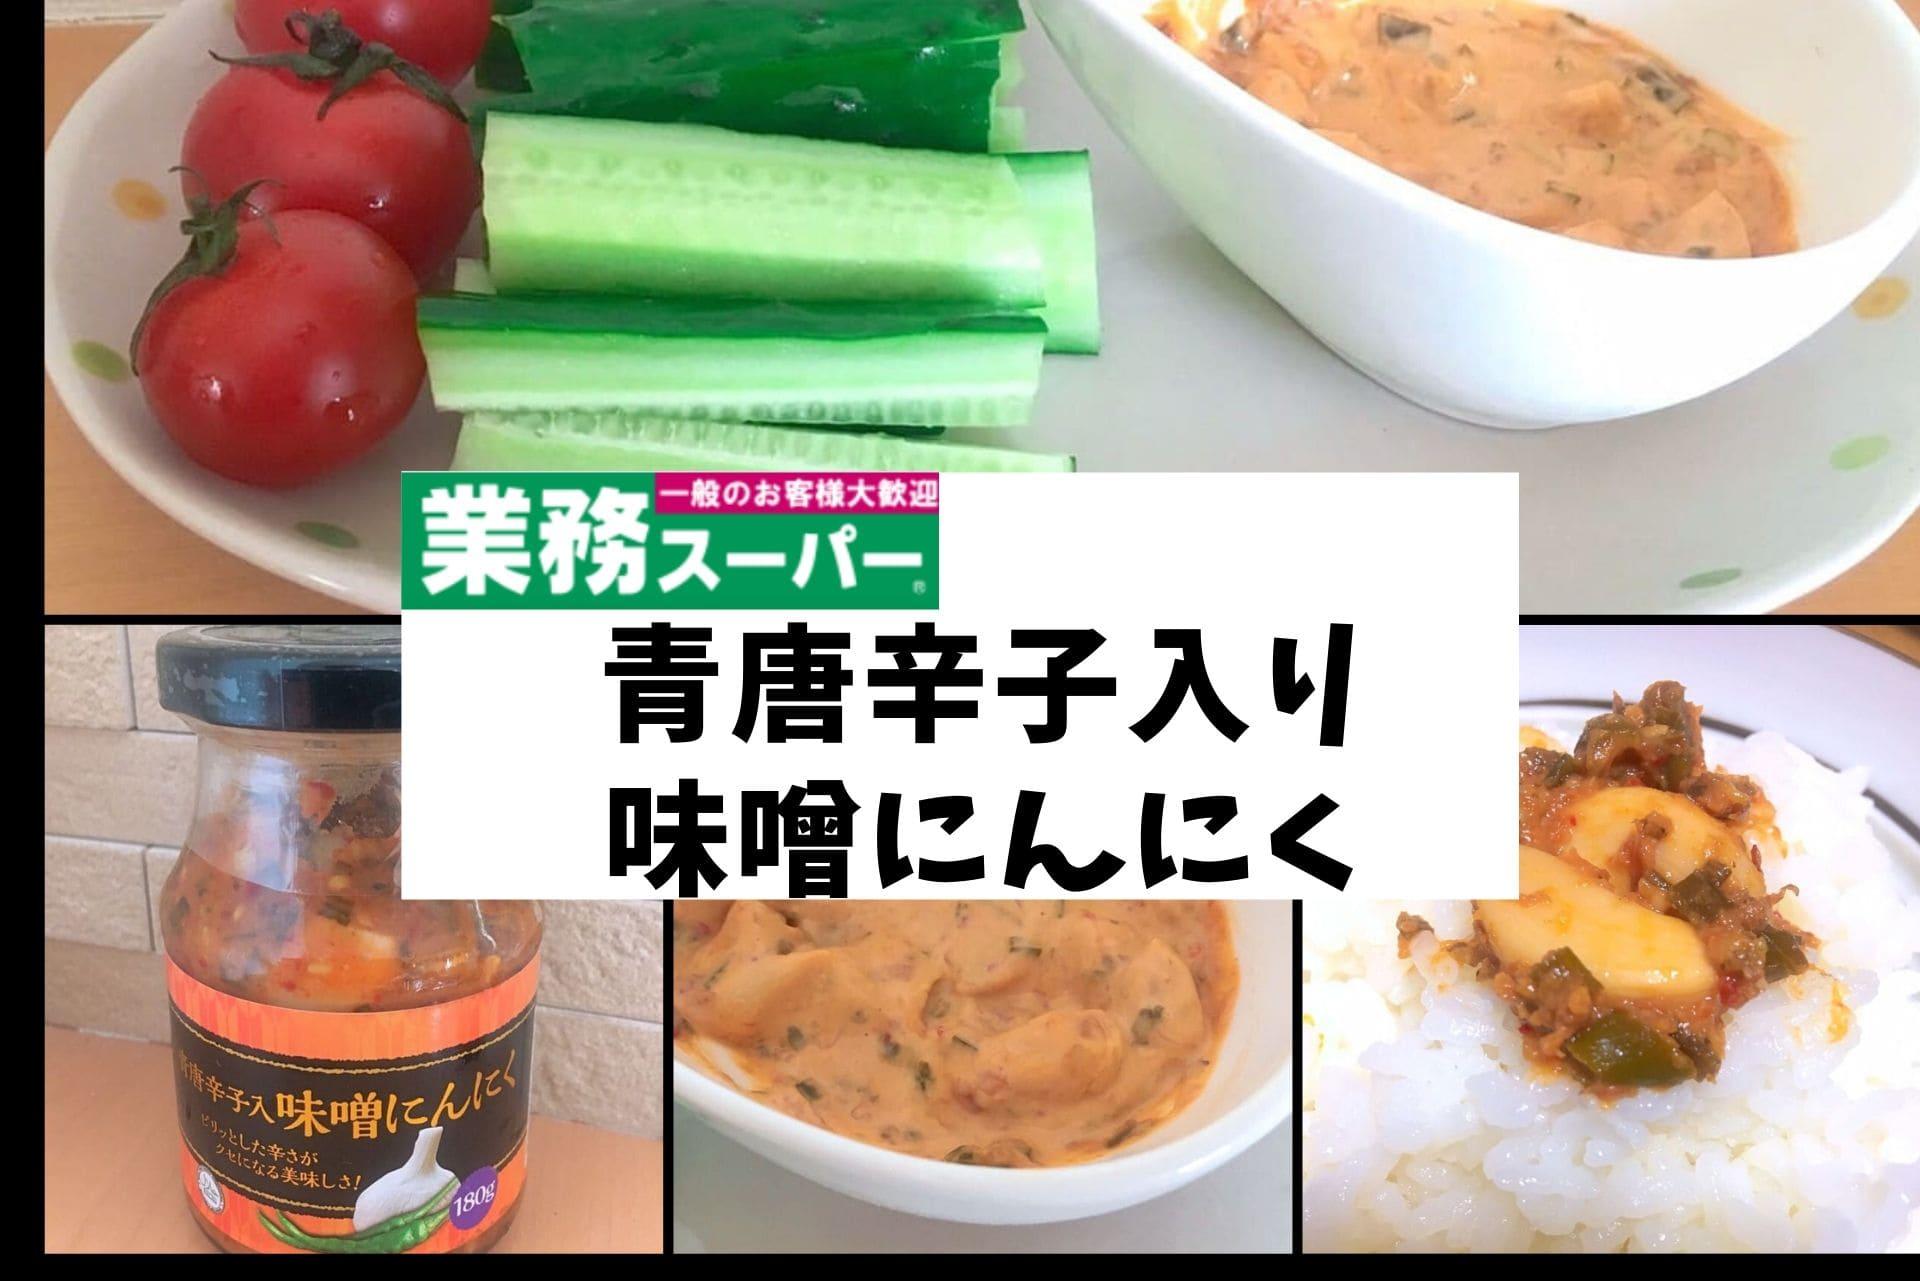 青唐辛子入り味噌ニンニク